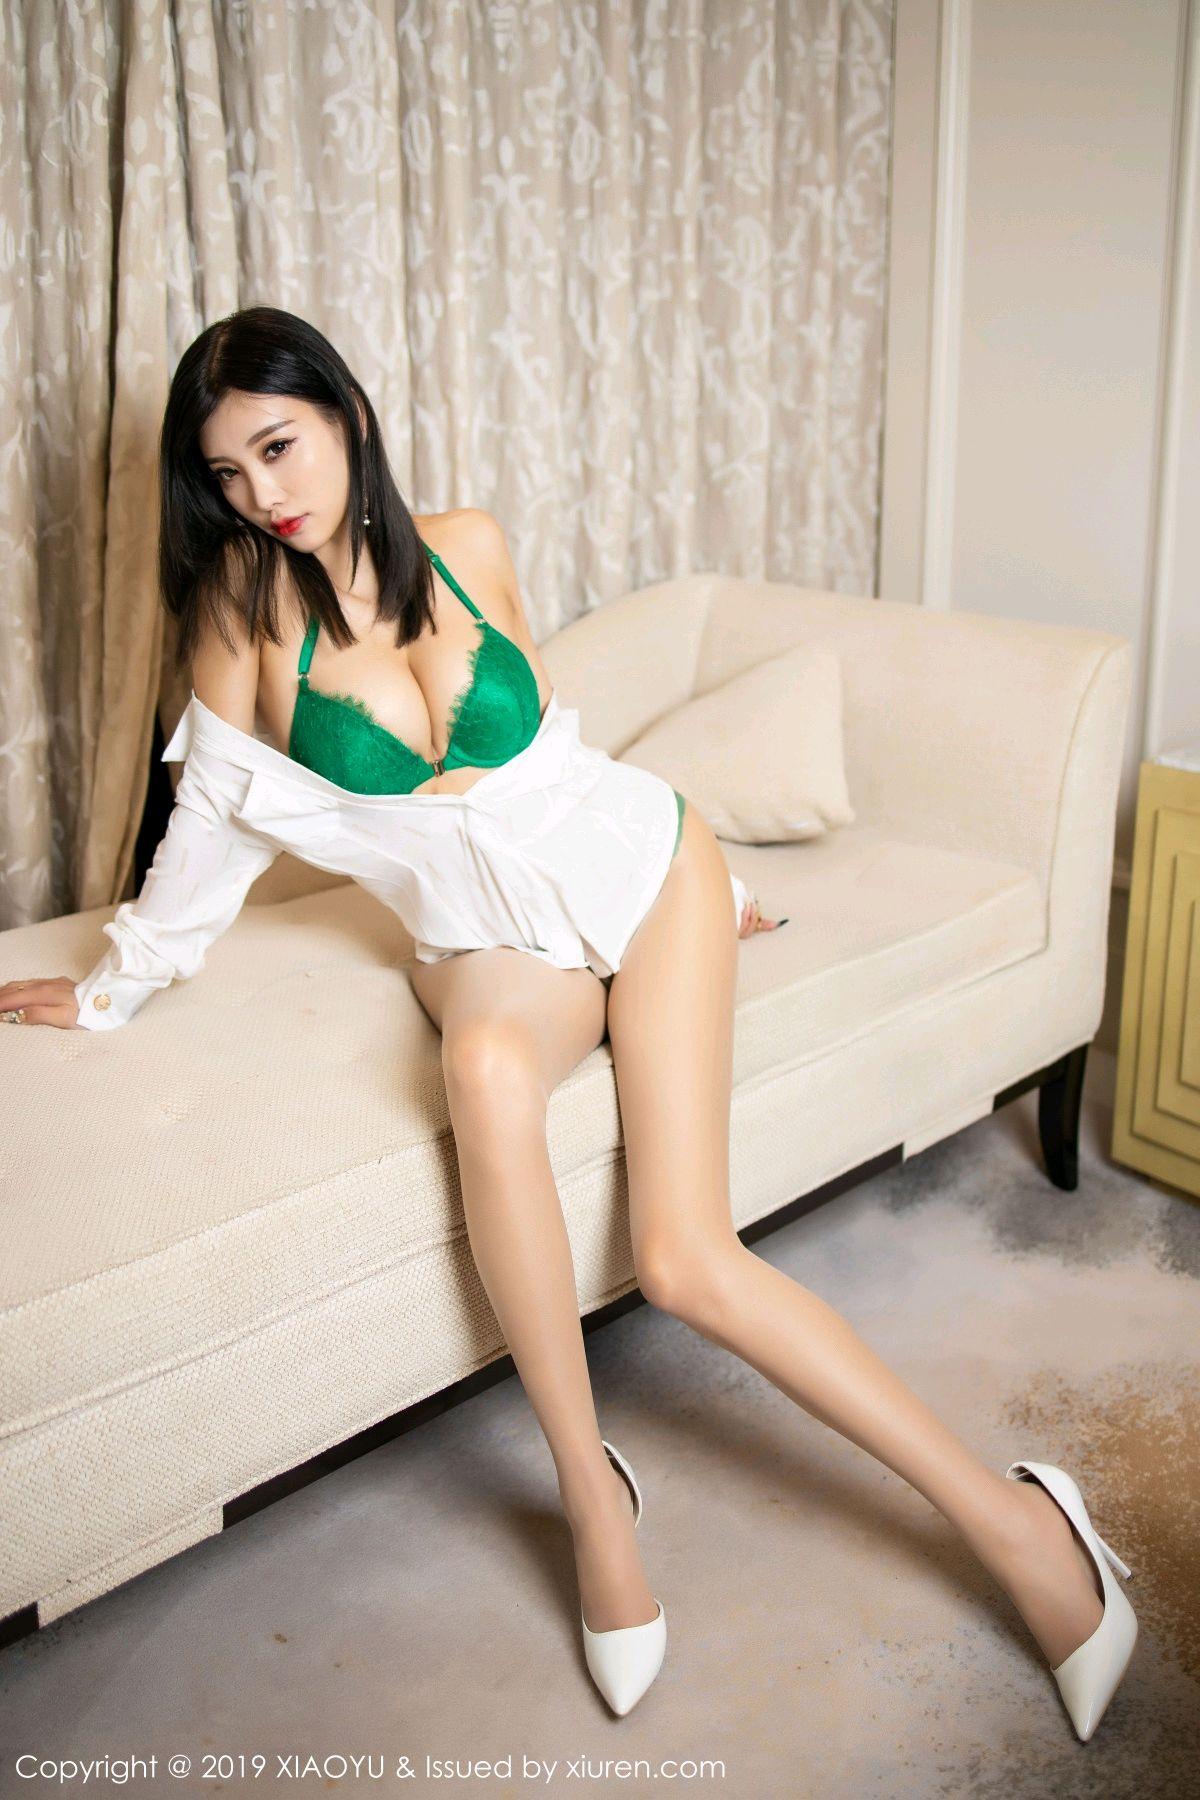 [XiaoYu] Vol.224 Yang Chen Chen 32P, Tall, Underwear, XiaoYu, Yang Chen Chen